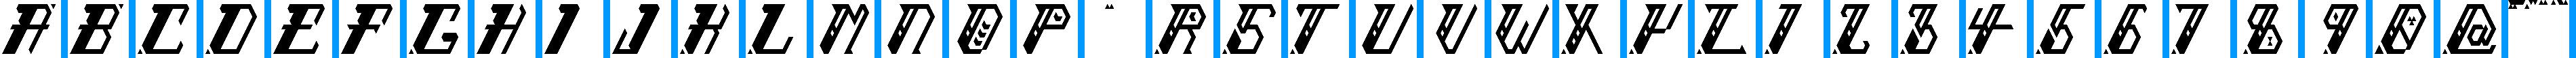 Particip-a-type v.285